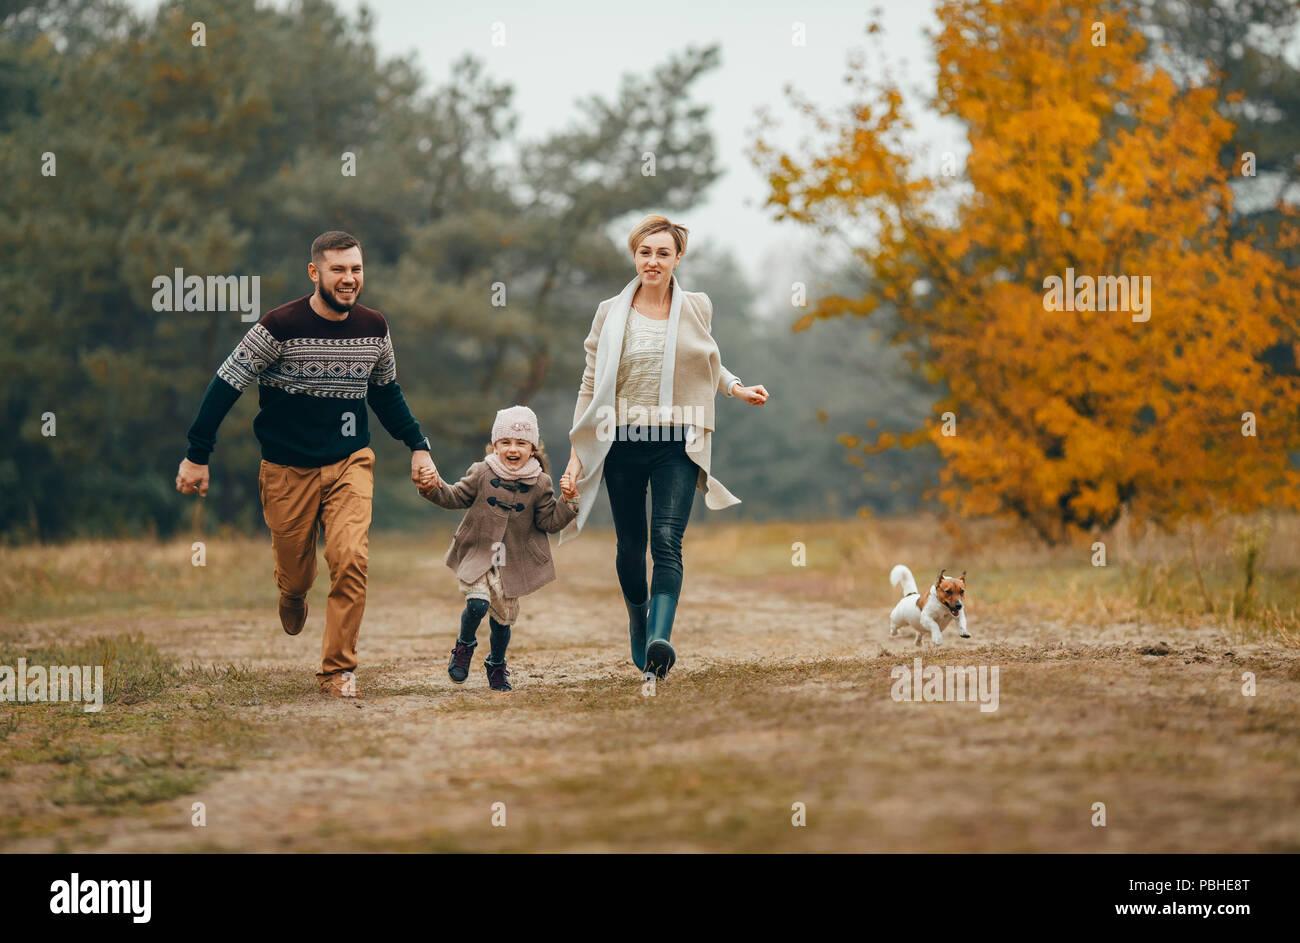 Les parents heureux avec leur fille tenir la main et faire tourner au chemin forestier en regard de chien au cours de marche en forêt d'automne. Photo Stock